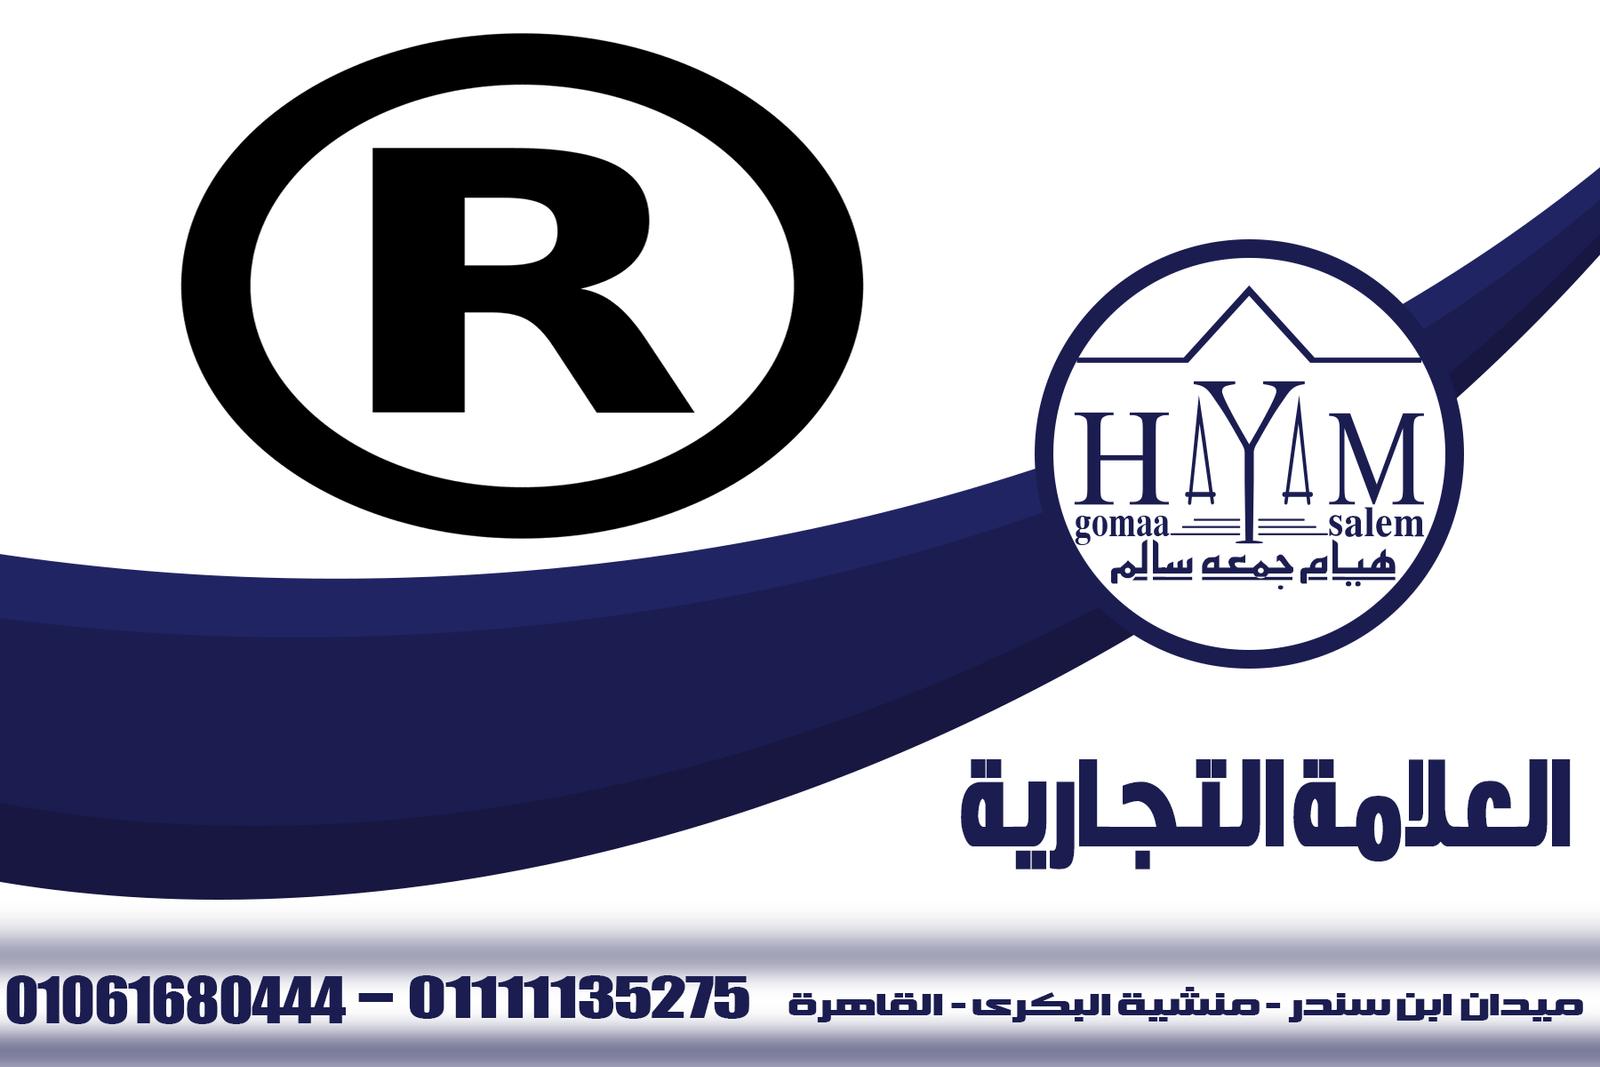 إجراءات تسجيل العلامة التجارية – زواج الاجانب في مصر المحامية هيام جمعه سالم 01061680444